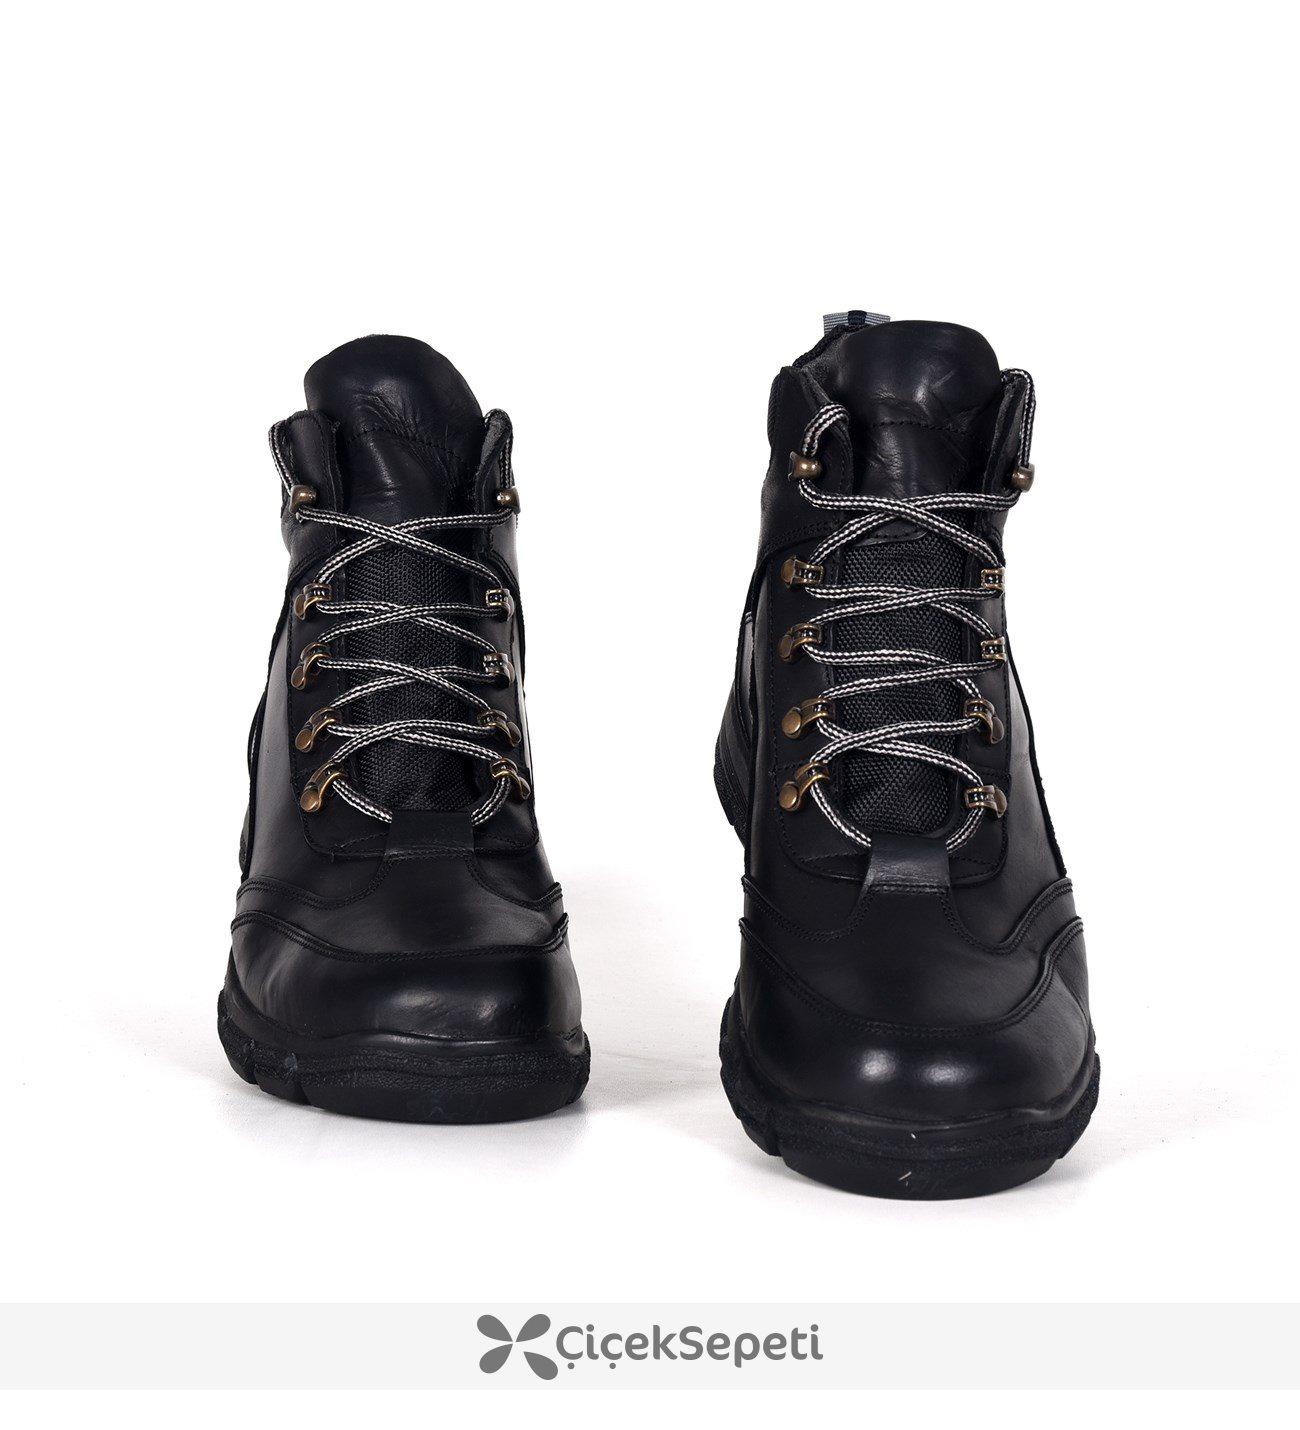 Siyah Bağcıklı Deri Kışlık Günlük Erkek Uzun Bot Ayakkabı 3687